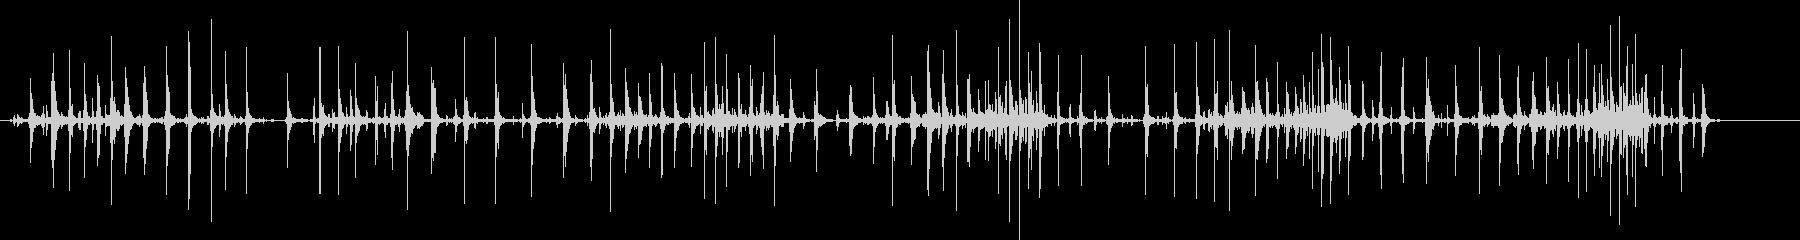 ハンドラケット:連続クランクの未再生の波形